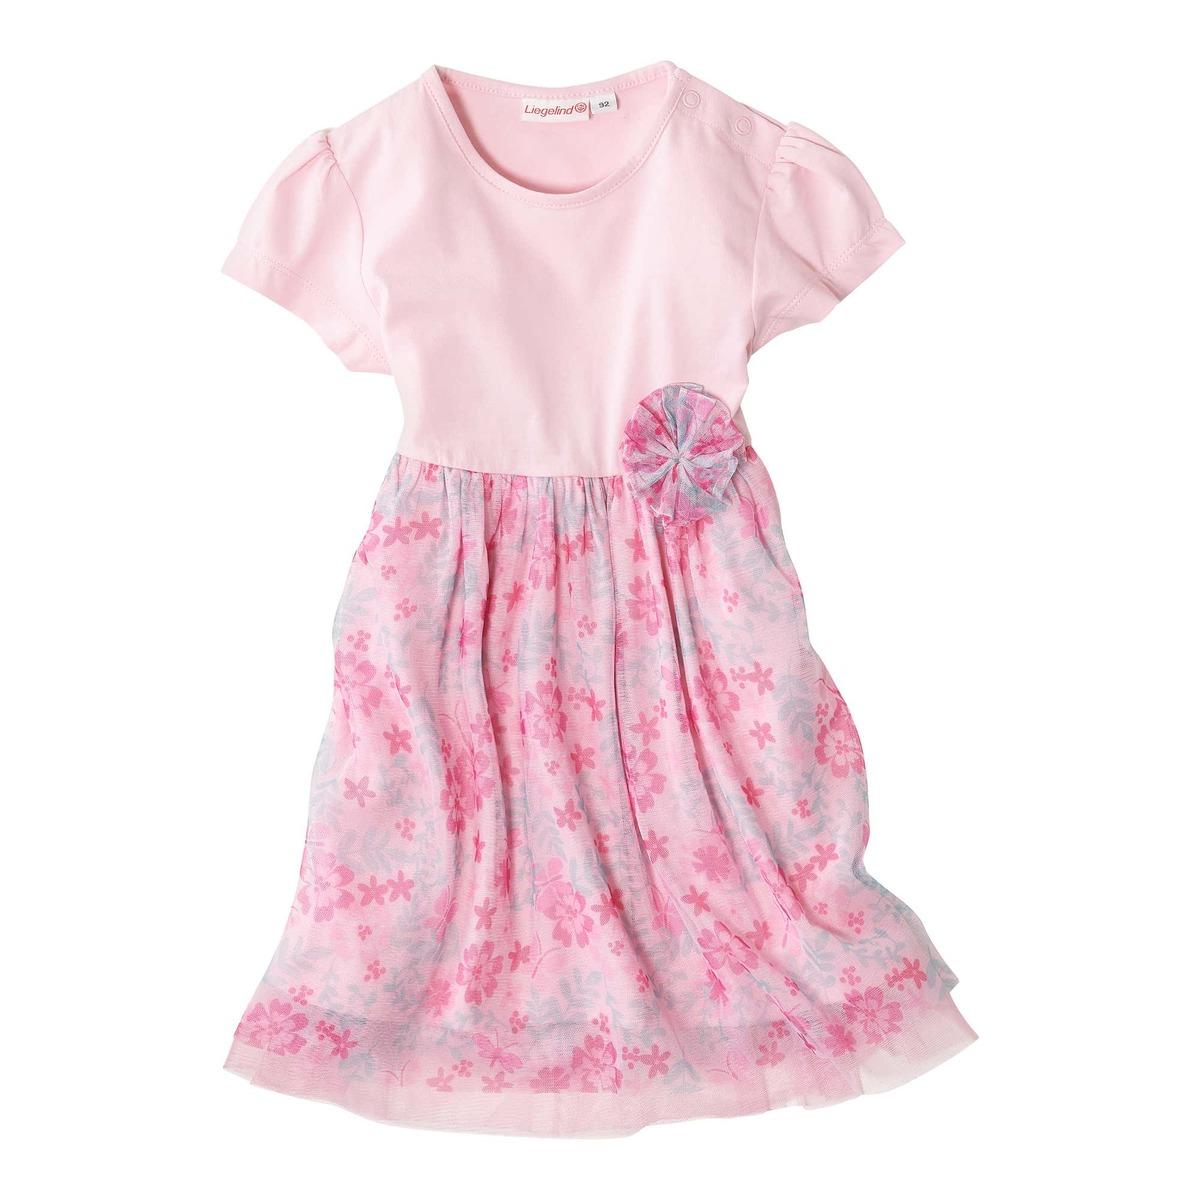 Bild 1 von Baby-Mädchen-Kleid mit Knopfleiste an der Schulter